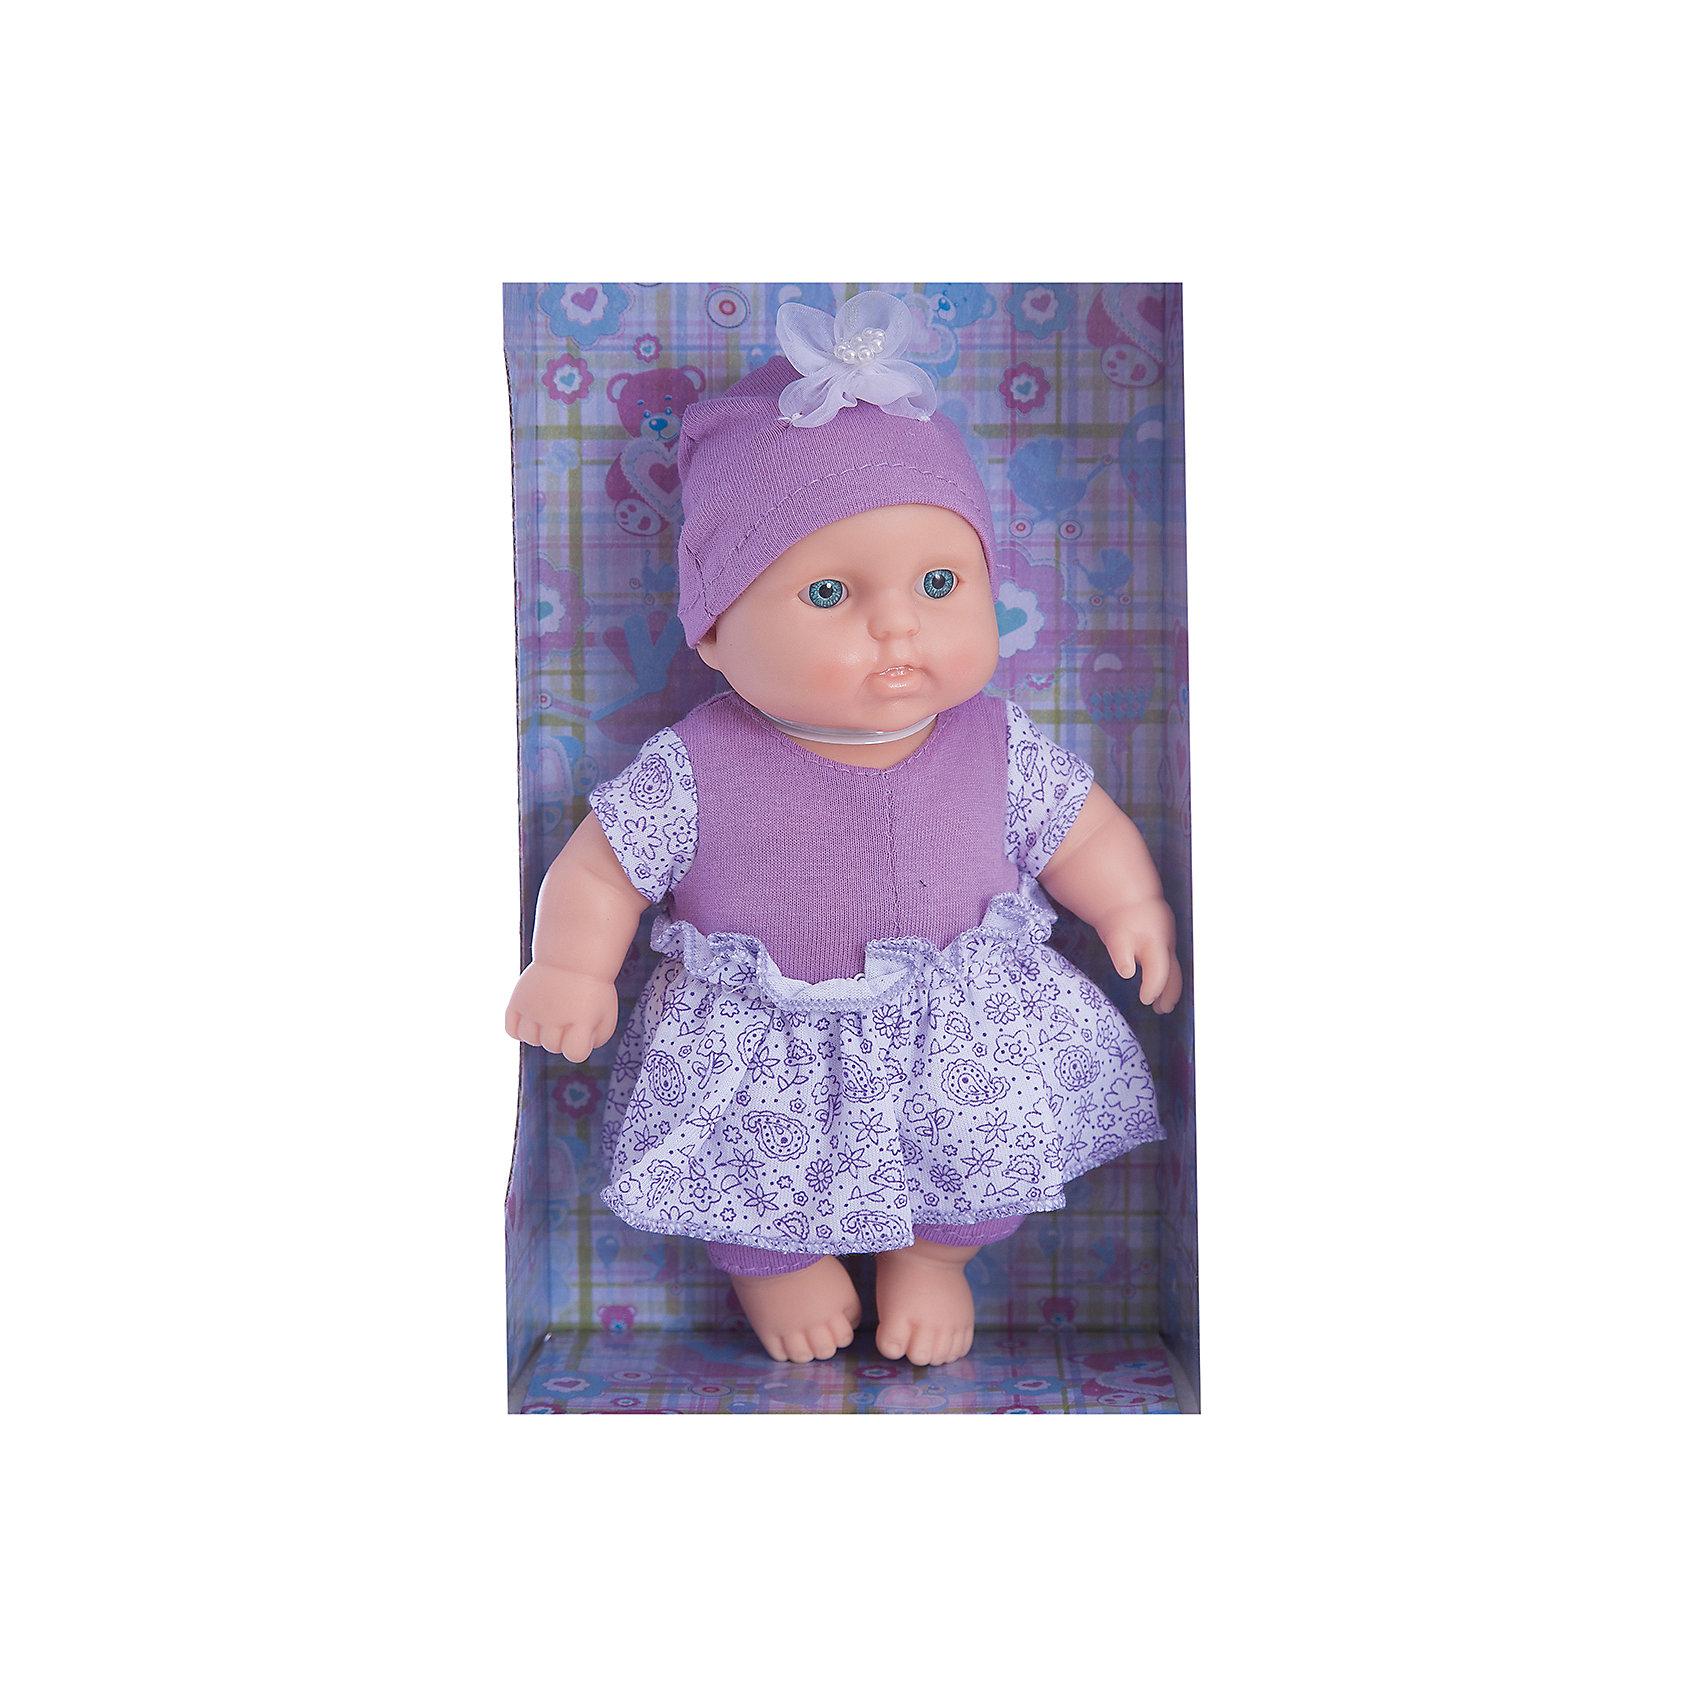 Кукла Карапуз 4, девочка, ВеснаКукла Карапуз 4 от марки Весна<br><br>Симпатичная и качественная кукла от отечественного производителя способна не просто помочь ребенку весело проводить время, но и научить девочку заботиться о других. На игрушке - симпатичный костюм и шапочка, всё можно снимать и надевать.<br>Такая кукла помогает ребенку нарабатывать социальные навыки и весело познавать мир. Сделана игрушка из качественных, приятных на ощупь и безопасных для ребенка материалов.<br><br>Отличительные особенности куклы:<br><br>- материал: пластмасса;<br>- волосы: рельефная имитация;<br>- можно купать;<br>- снимающаяся одежда;<br>- высота: 20 см.<br><br>Комплектация одежды:<br><br>- комбинезон с юбкой;<br>- шапочка.<br><br>Куклу Карапуз 4 от марки Весна можно купить в нашем магазине.<br><br>Ширина мм: 240<br>Глубина мм: 130<br>Высота мм: 75<br>Вес г: 190<br>Возраст от месяцев: 36<br>Возраст до месяцев: 120<br>Пол: Женский<br>Возраст: Детский<br>SKU: 4650463